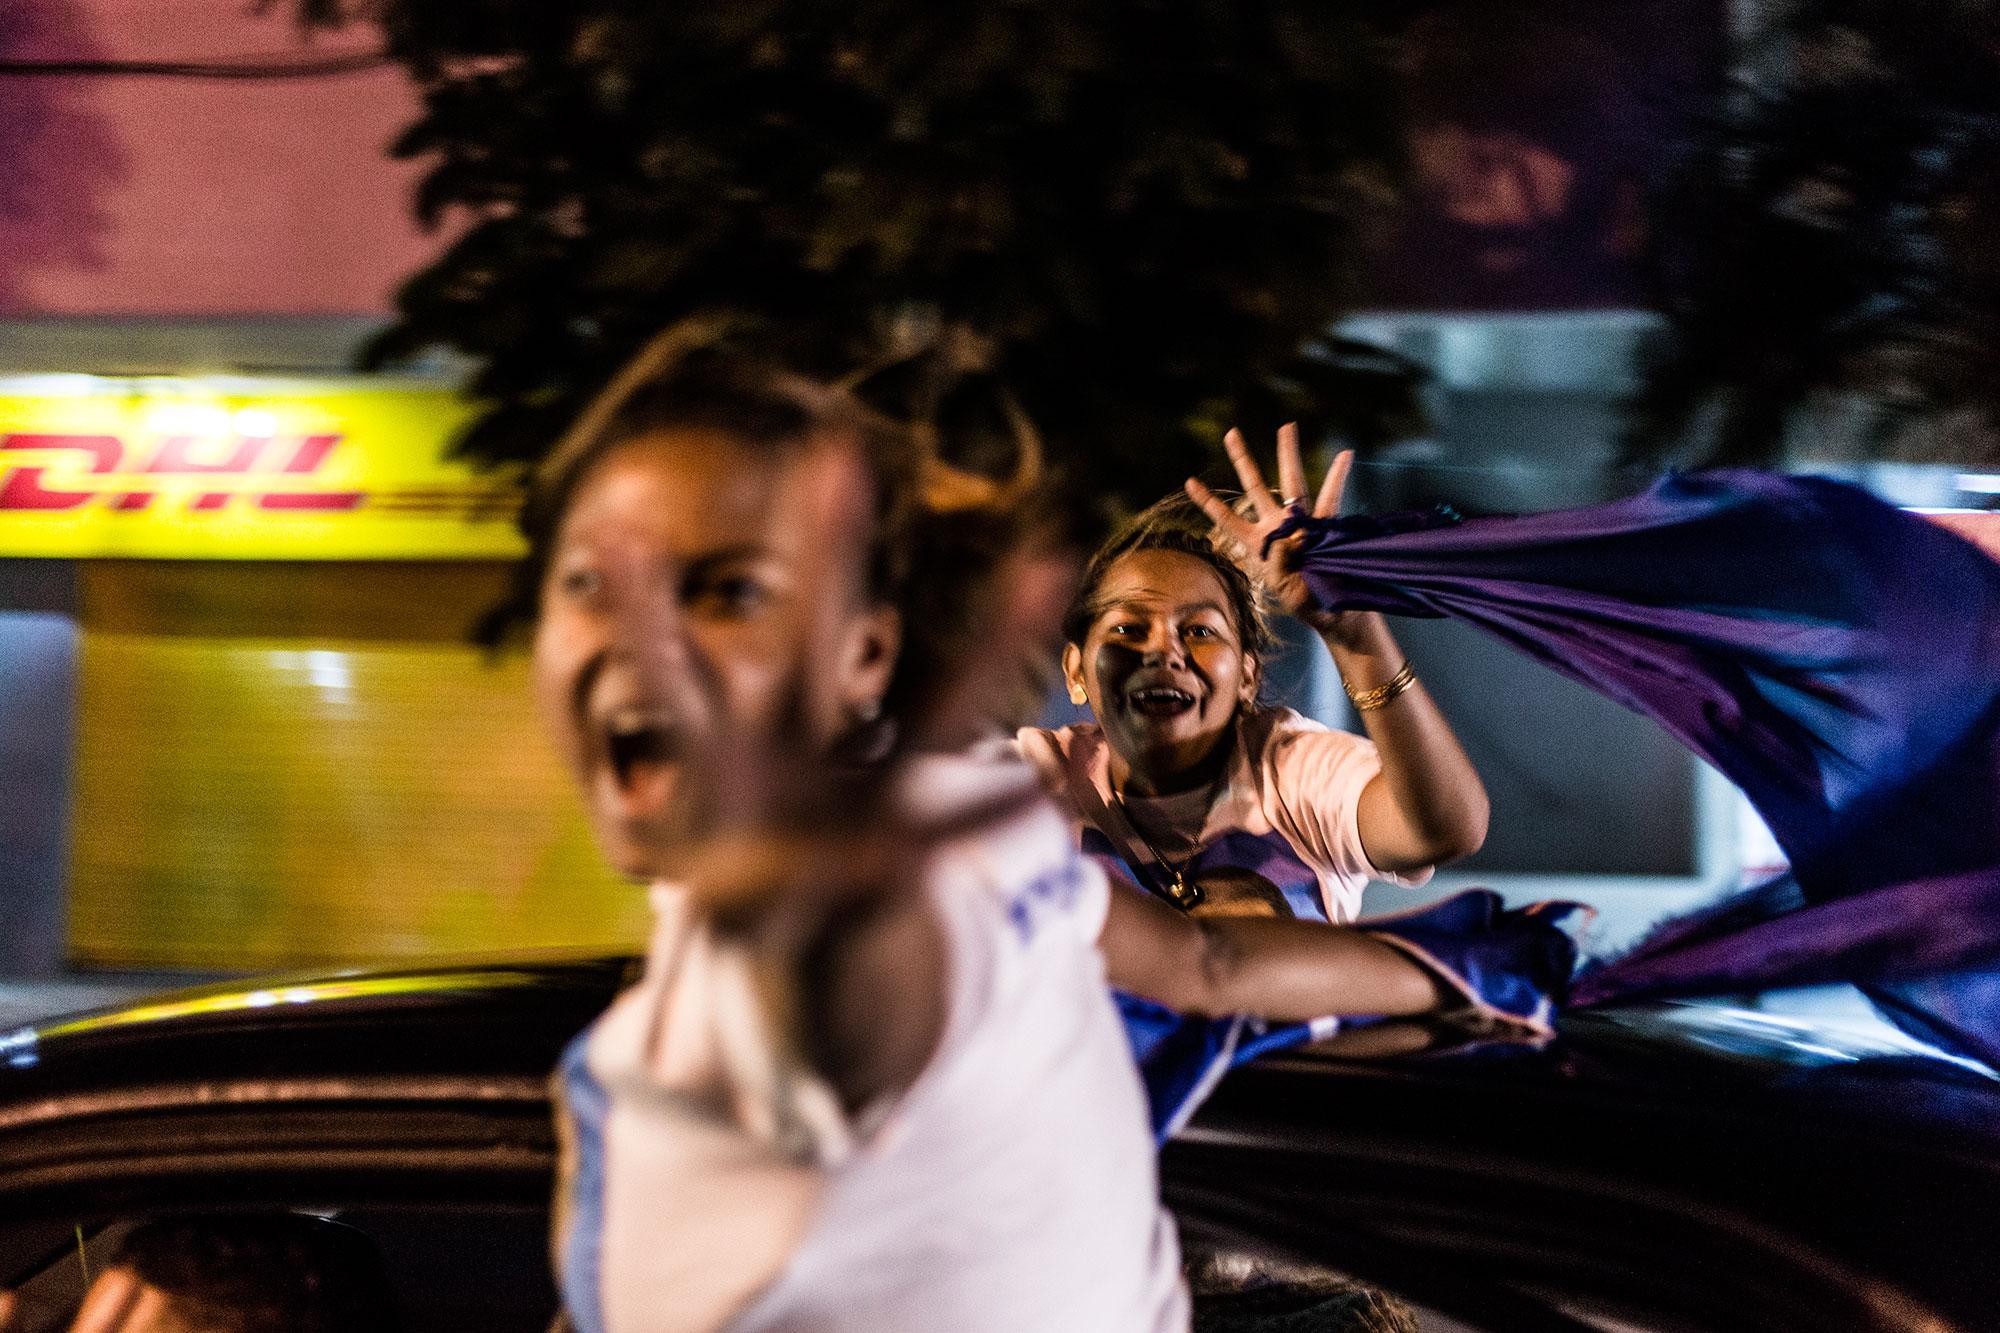 Mientras que el Partido Libre celebraba la eminente victoria el dia lunes 27, frente al edificio central del TSE. El presidente Juan Orlando Hernández invitó los simpatizantes del Partido Nacional a unirse a una carava por la victoria en las calles de Tegucigalpa. Foto: Fred Ramos